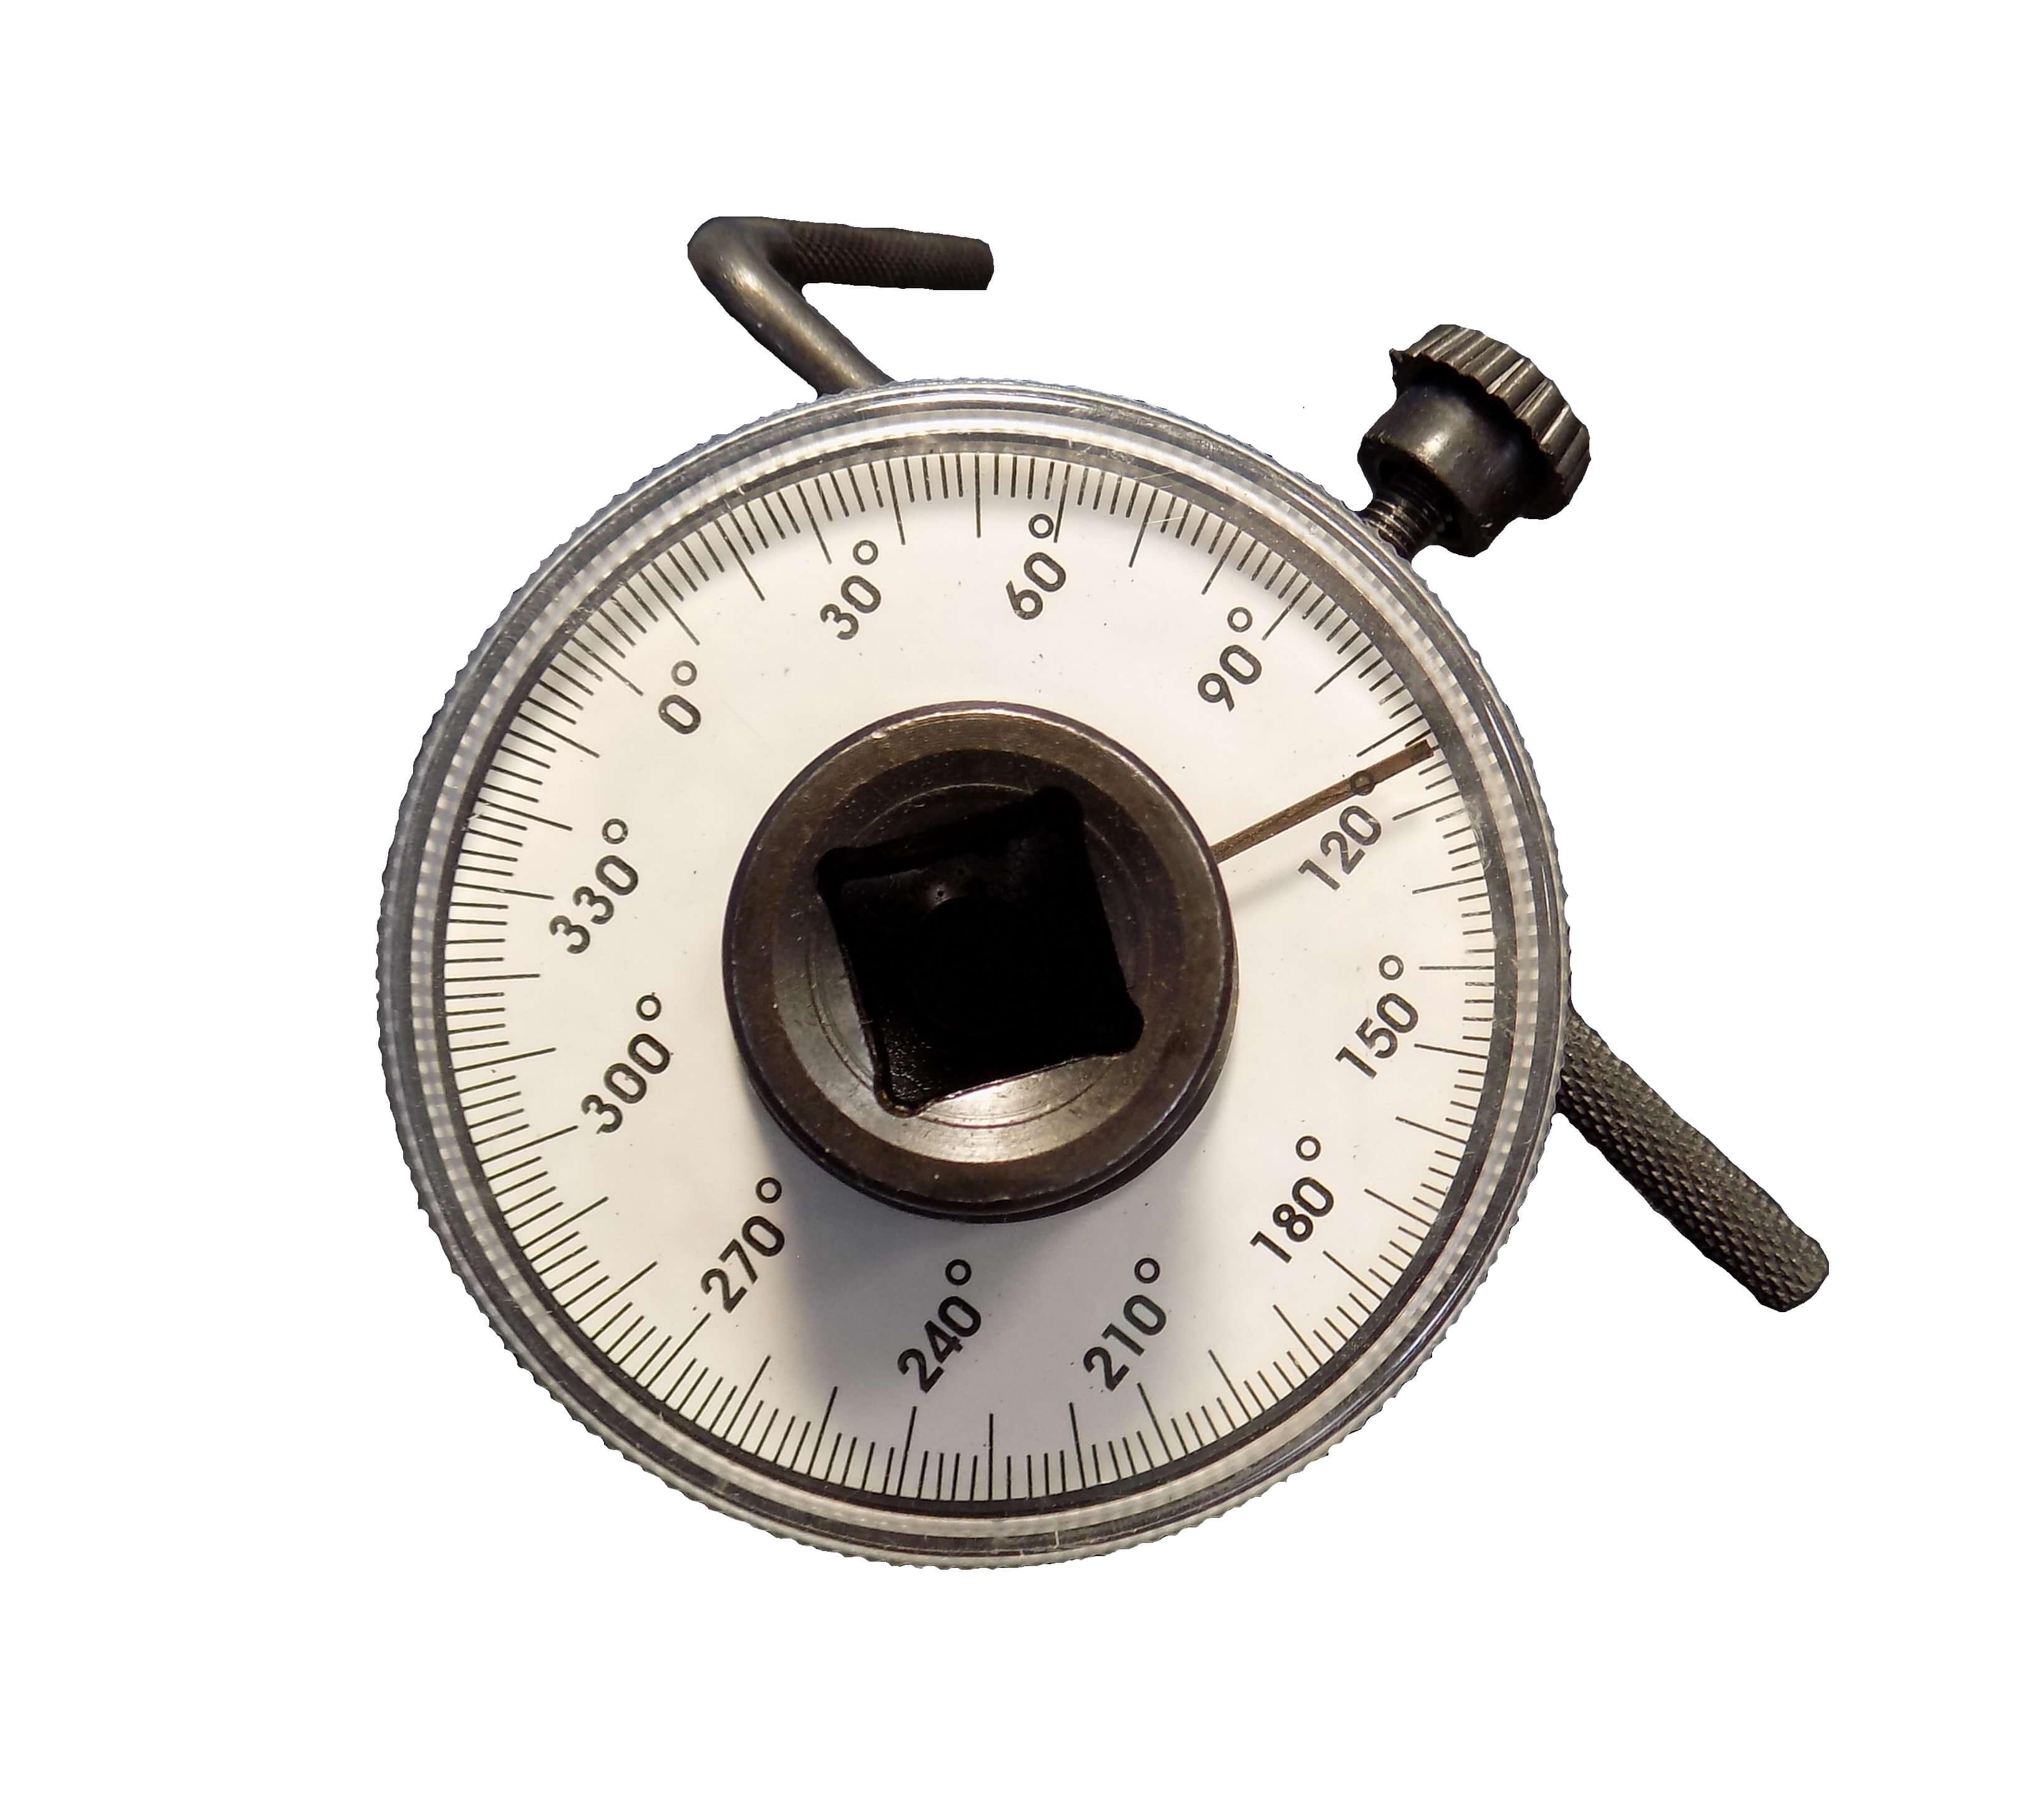 Llave de ángulo de torsión ajustable de entrada de 1/2 pulg., 360 grados y salida de 1/2 pulgada Medidor de ángulo de rotación / Goniómetro Angulometro GONIOMETRO SASAN